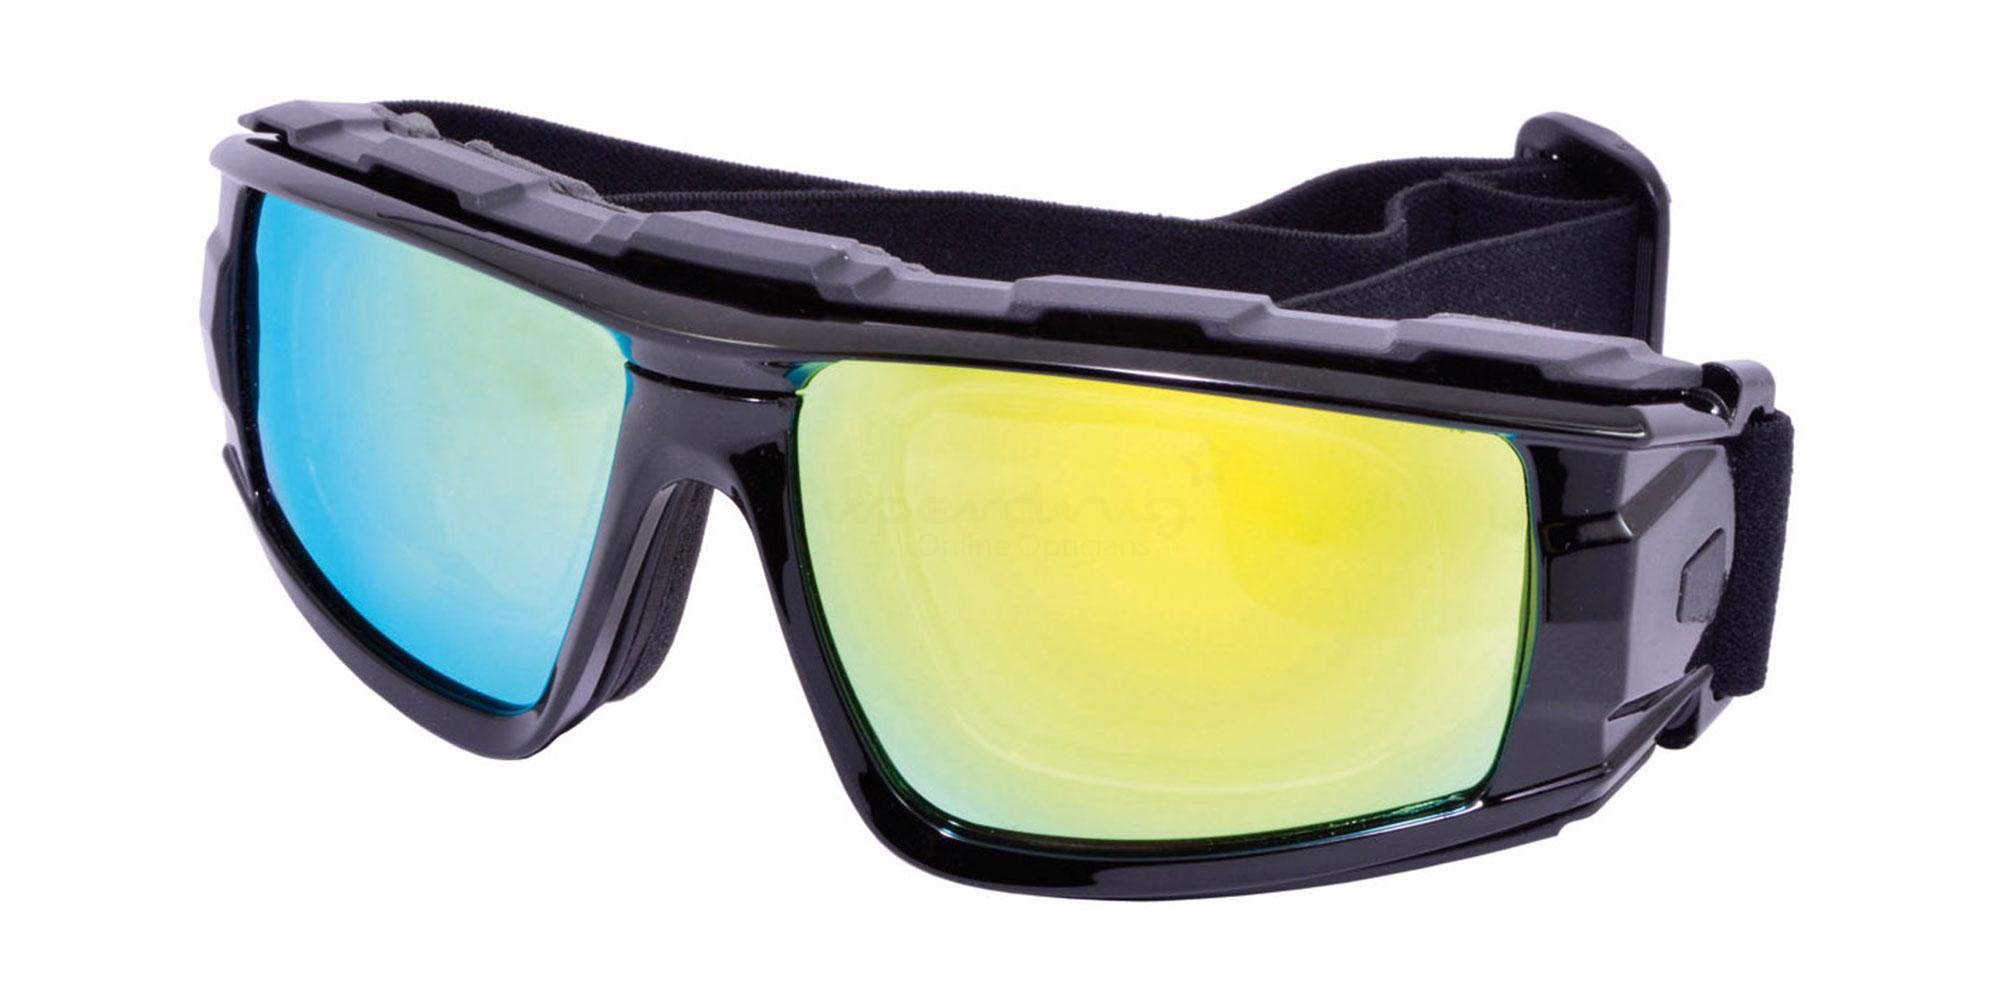 Black SRX11 Goggles, Sports Eyewear